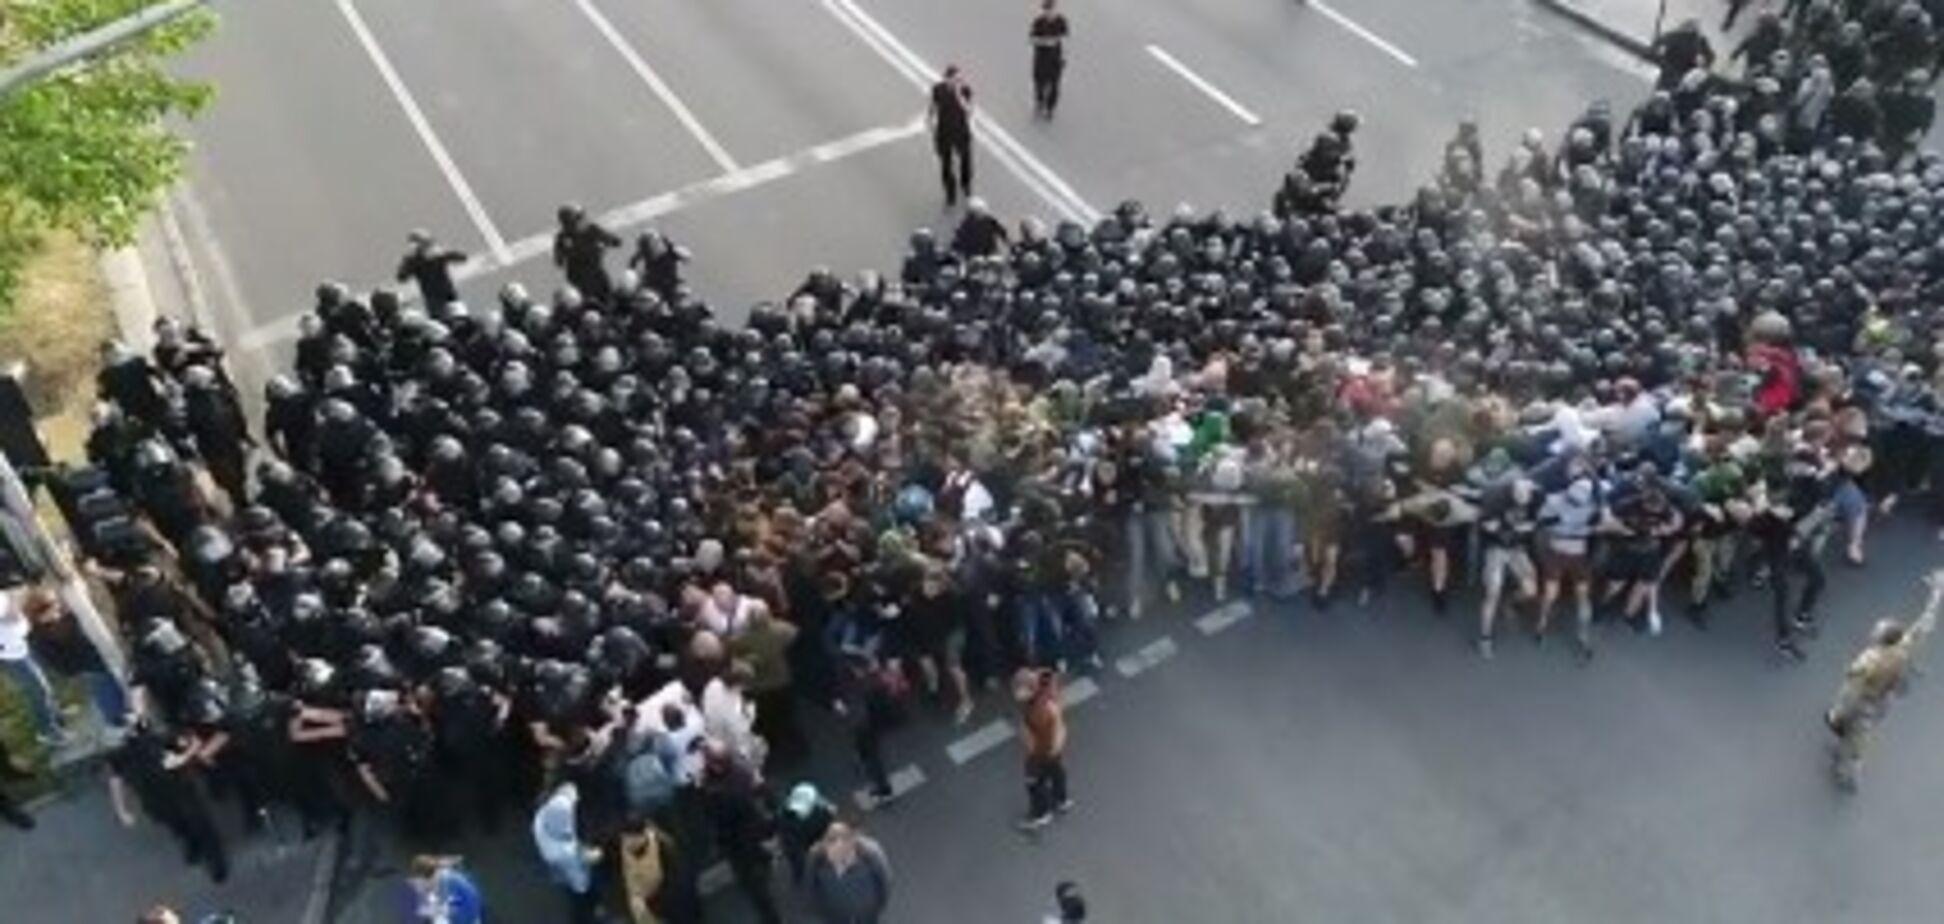 ЛГБТ-марш у Києві: з'явилося відео розгону націоналістів